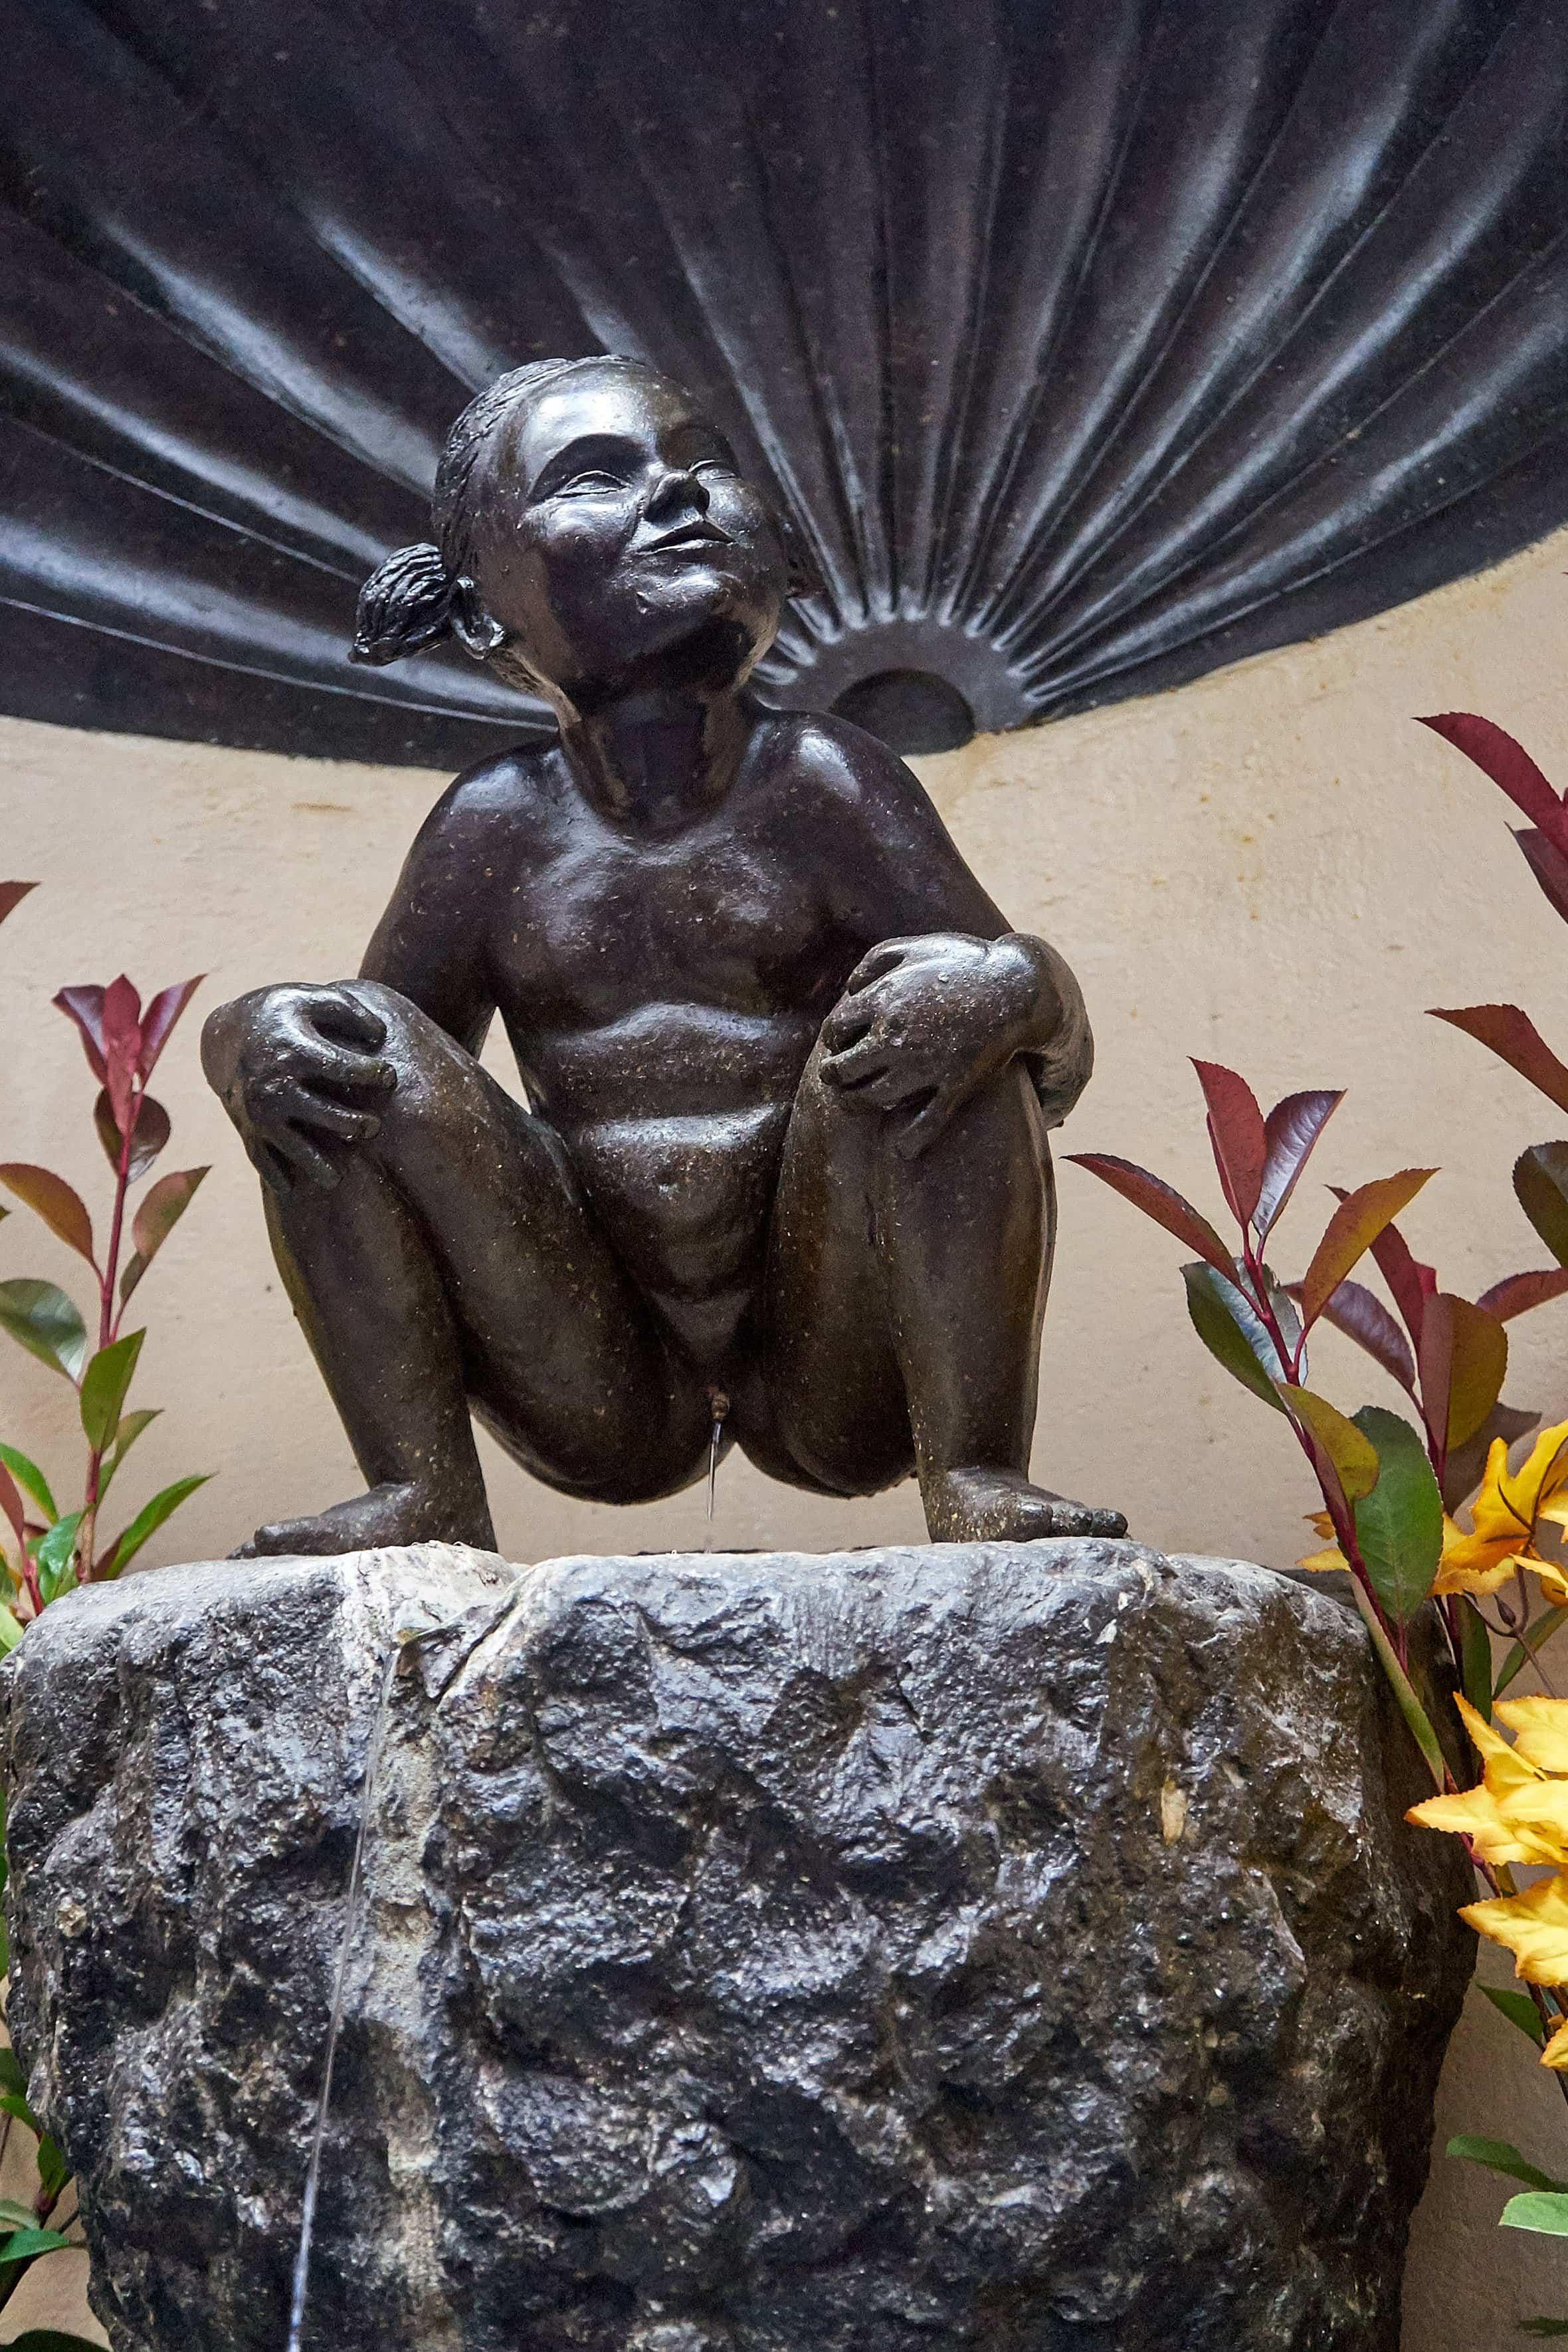 Brunnen mit Brozeskulptur eines urinierenden Mädchens